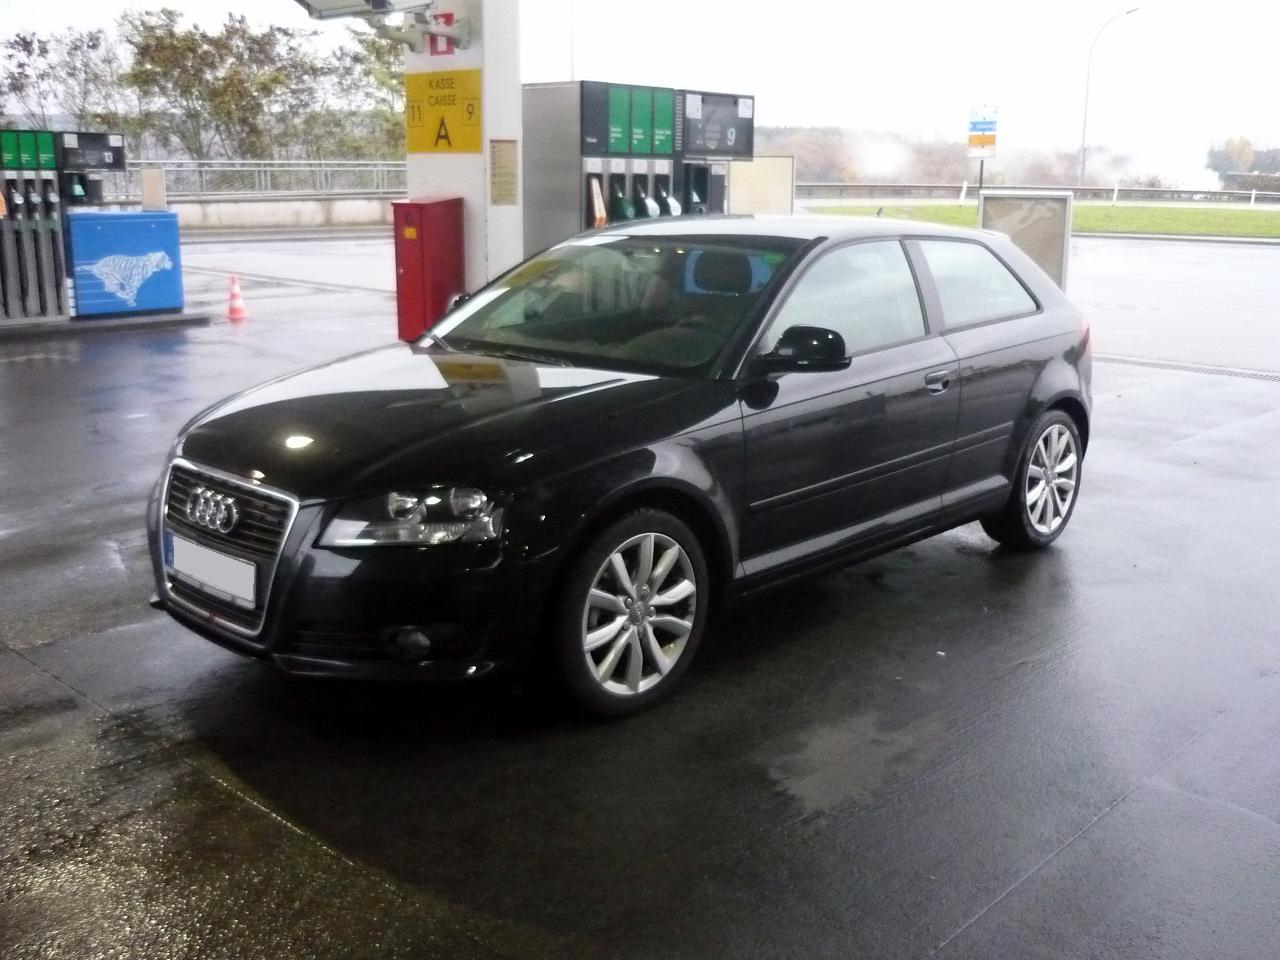 Guitigefilmpjes: Car review: Audi A3 2.0 TDI 140hp (MY 2009)